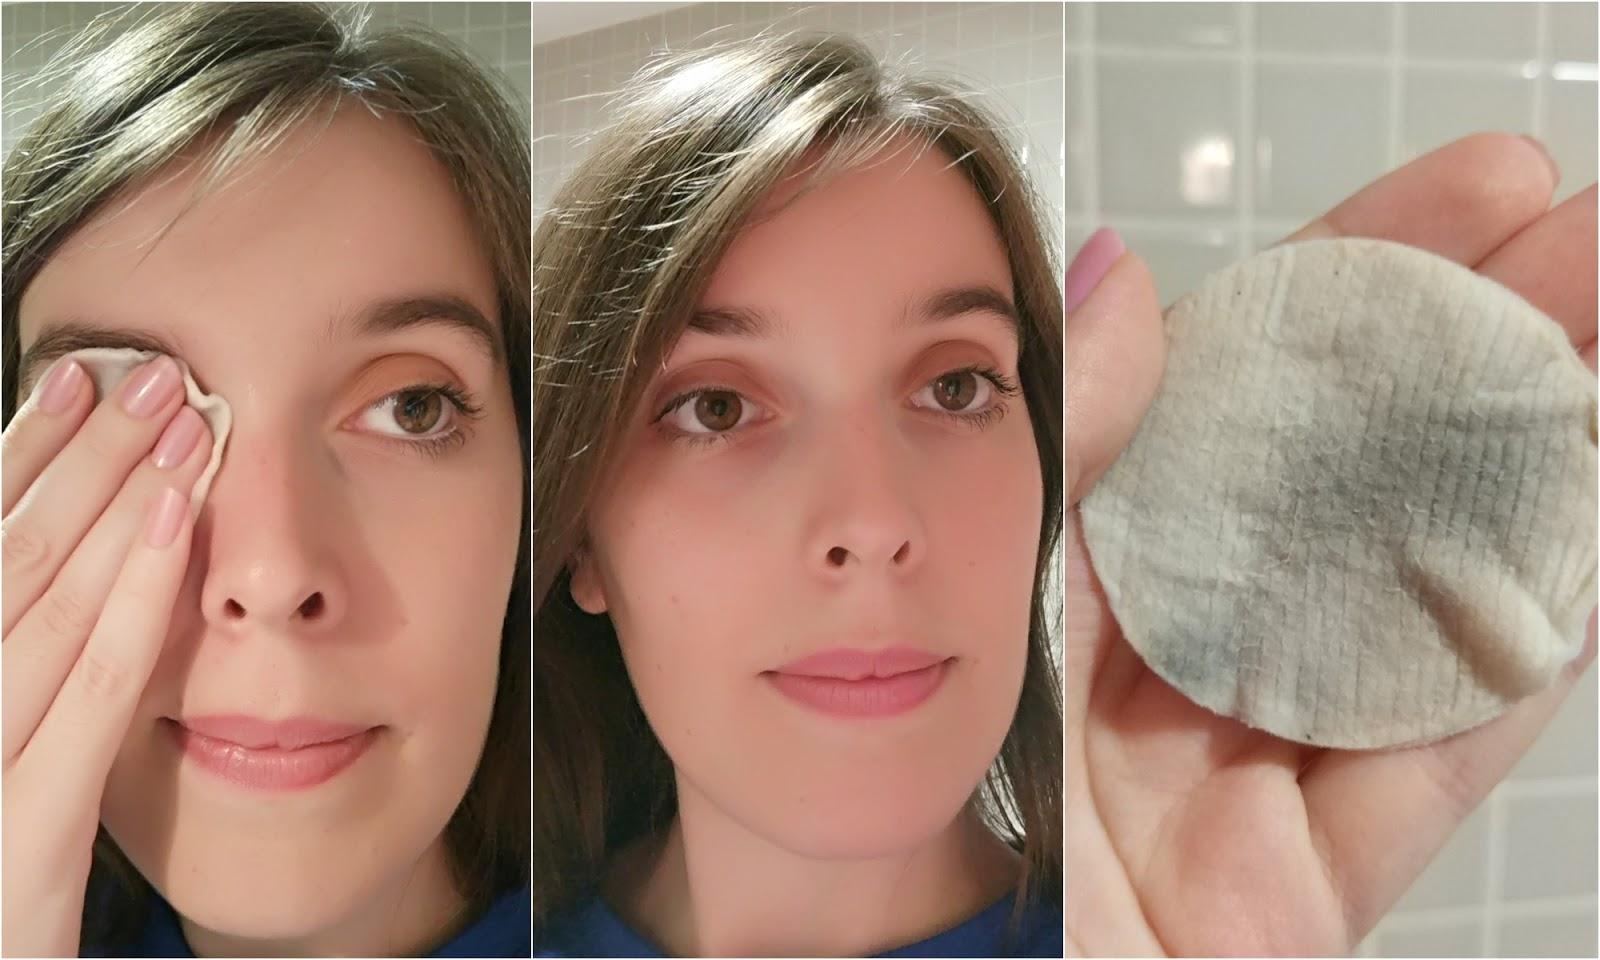 Desmaquilhante p/ olhos sensíveis e com lentes de contacto, Cosmia - Processo de remoção e resultado